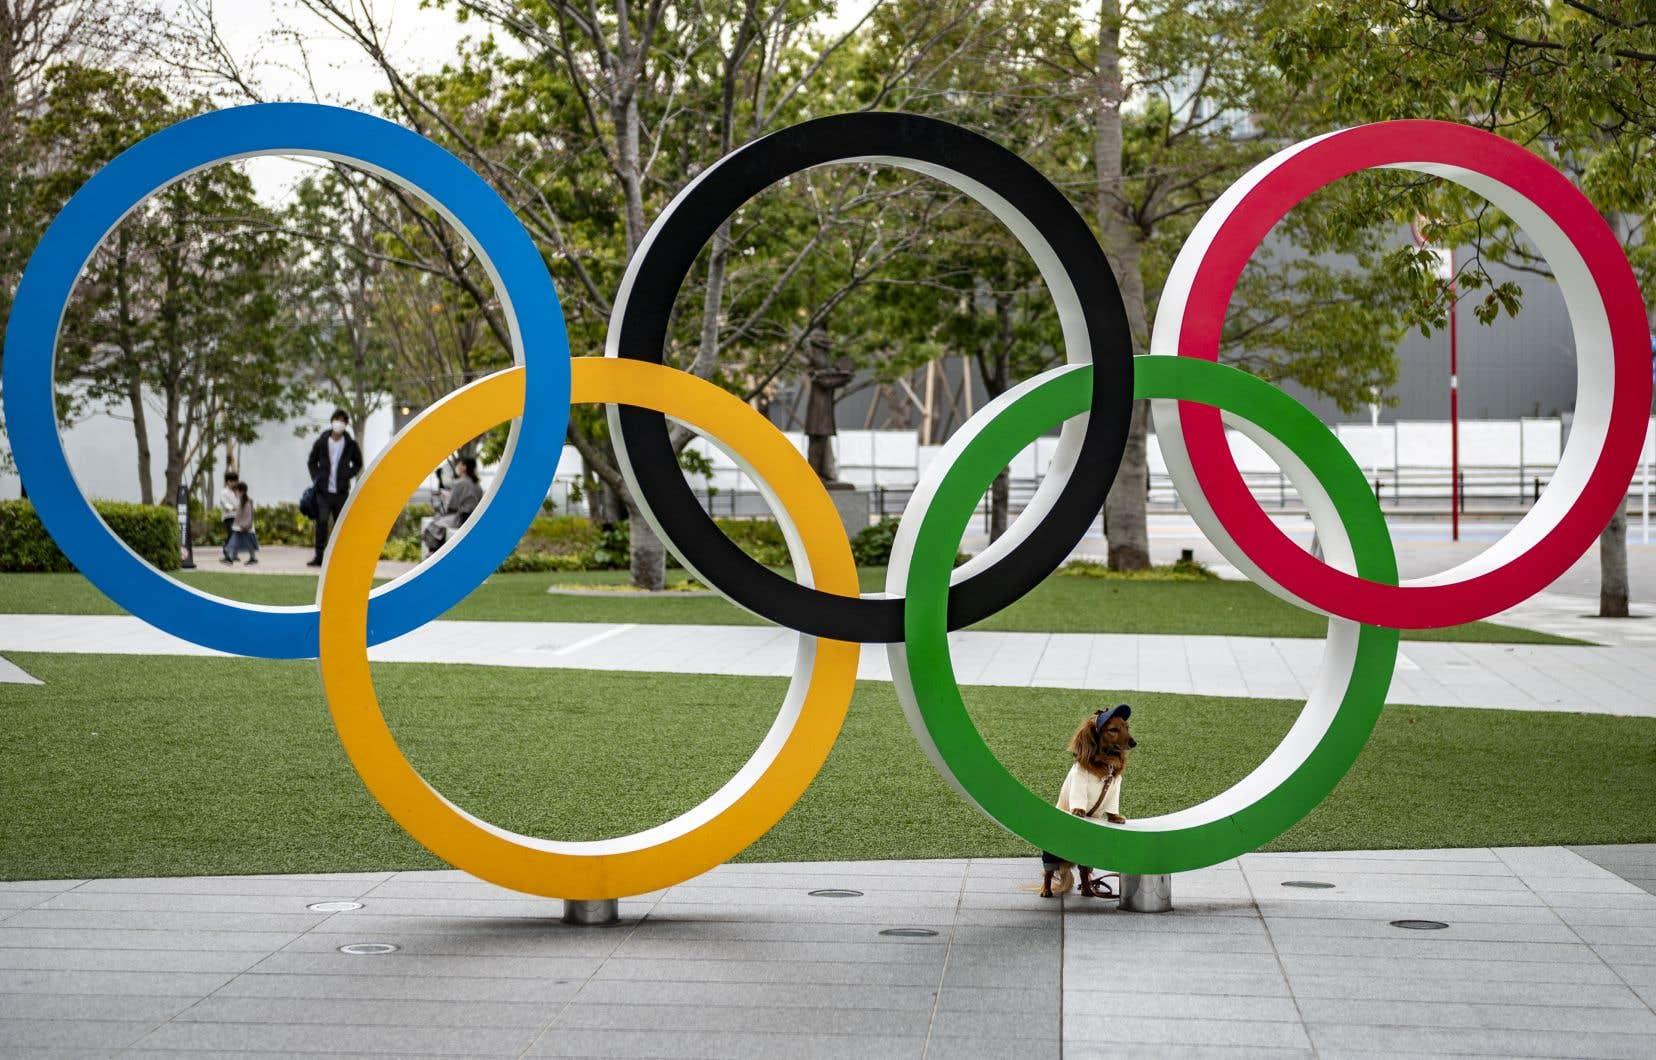 Une autre décision devrait être prise en avril, voire plus tard, sur la jauge des sites olympiques pour le public résidant au Japon.